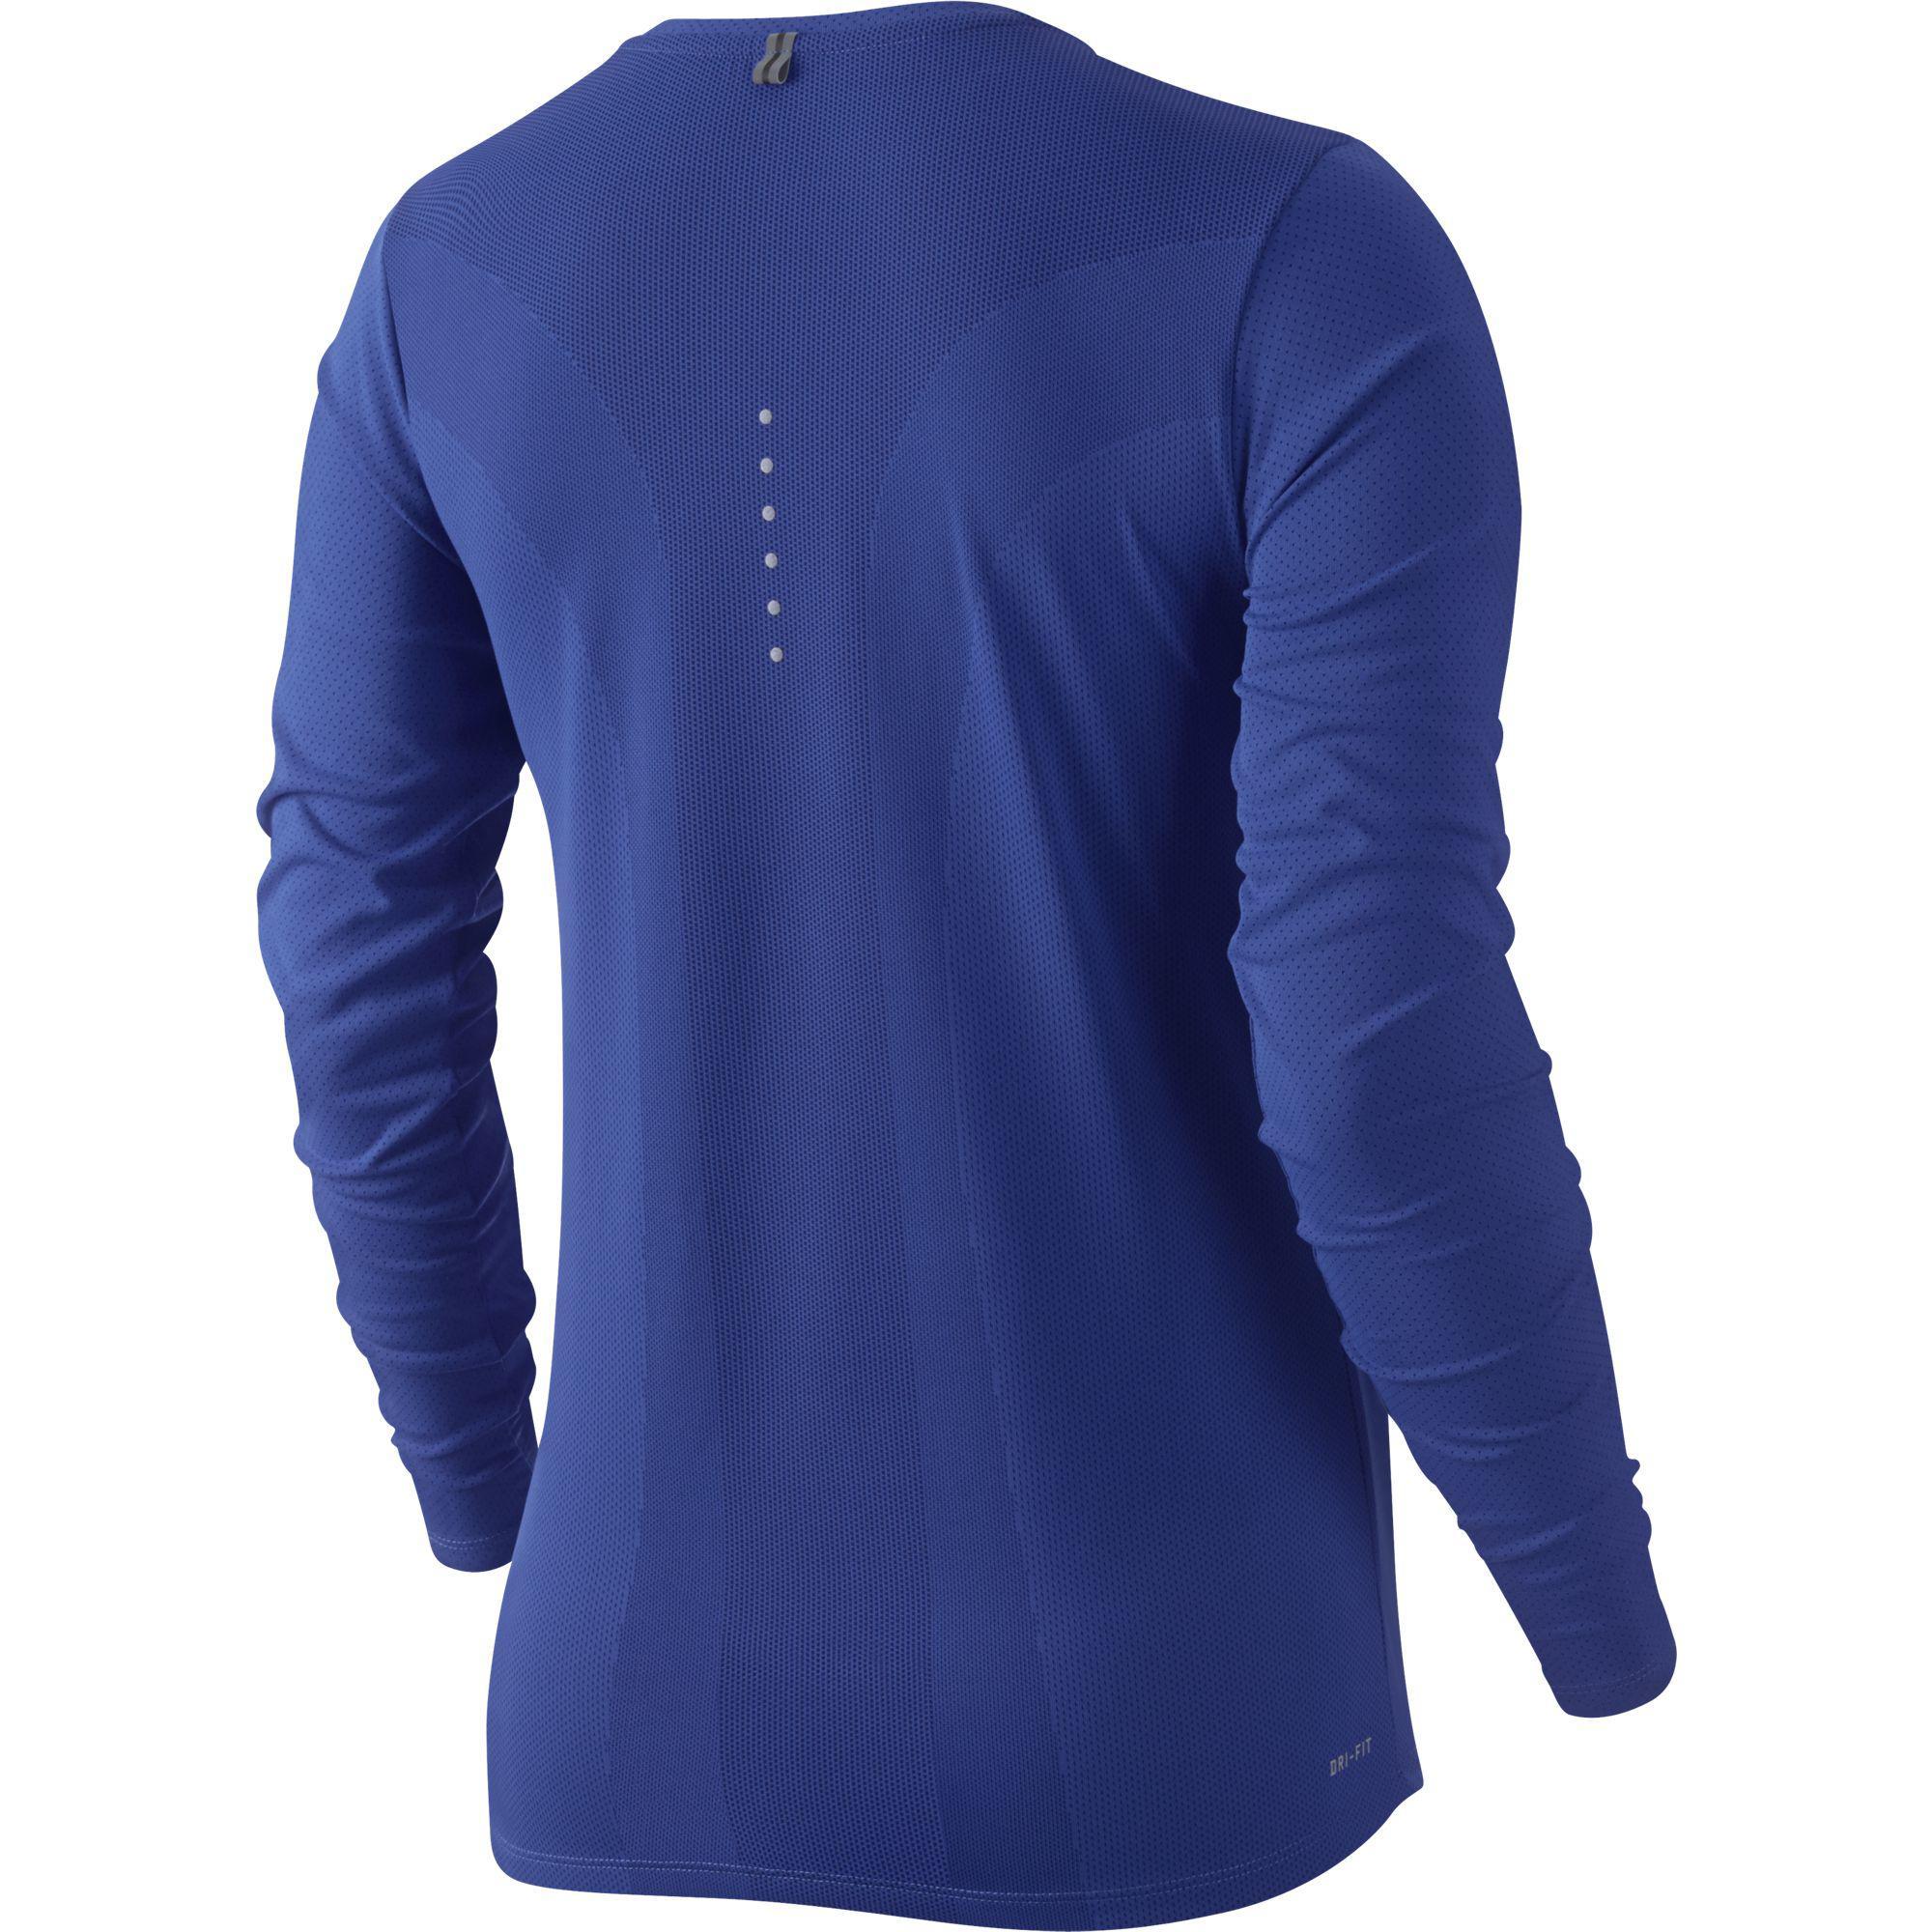 Nike Womens Running Shirt